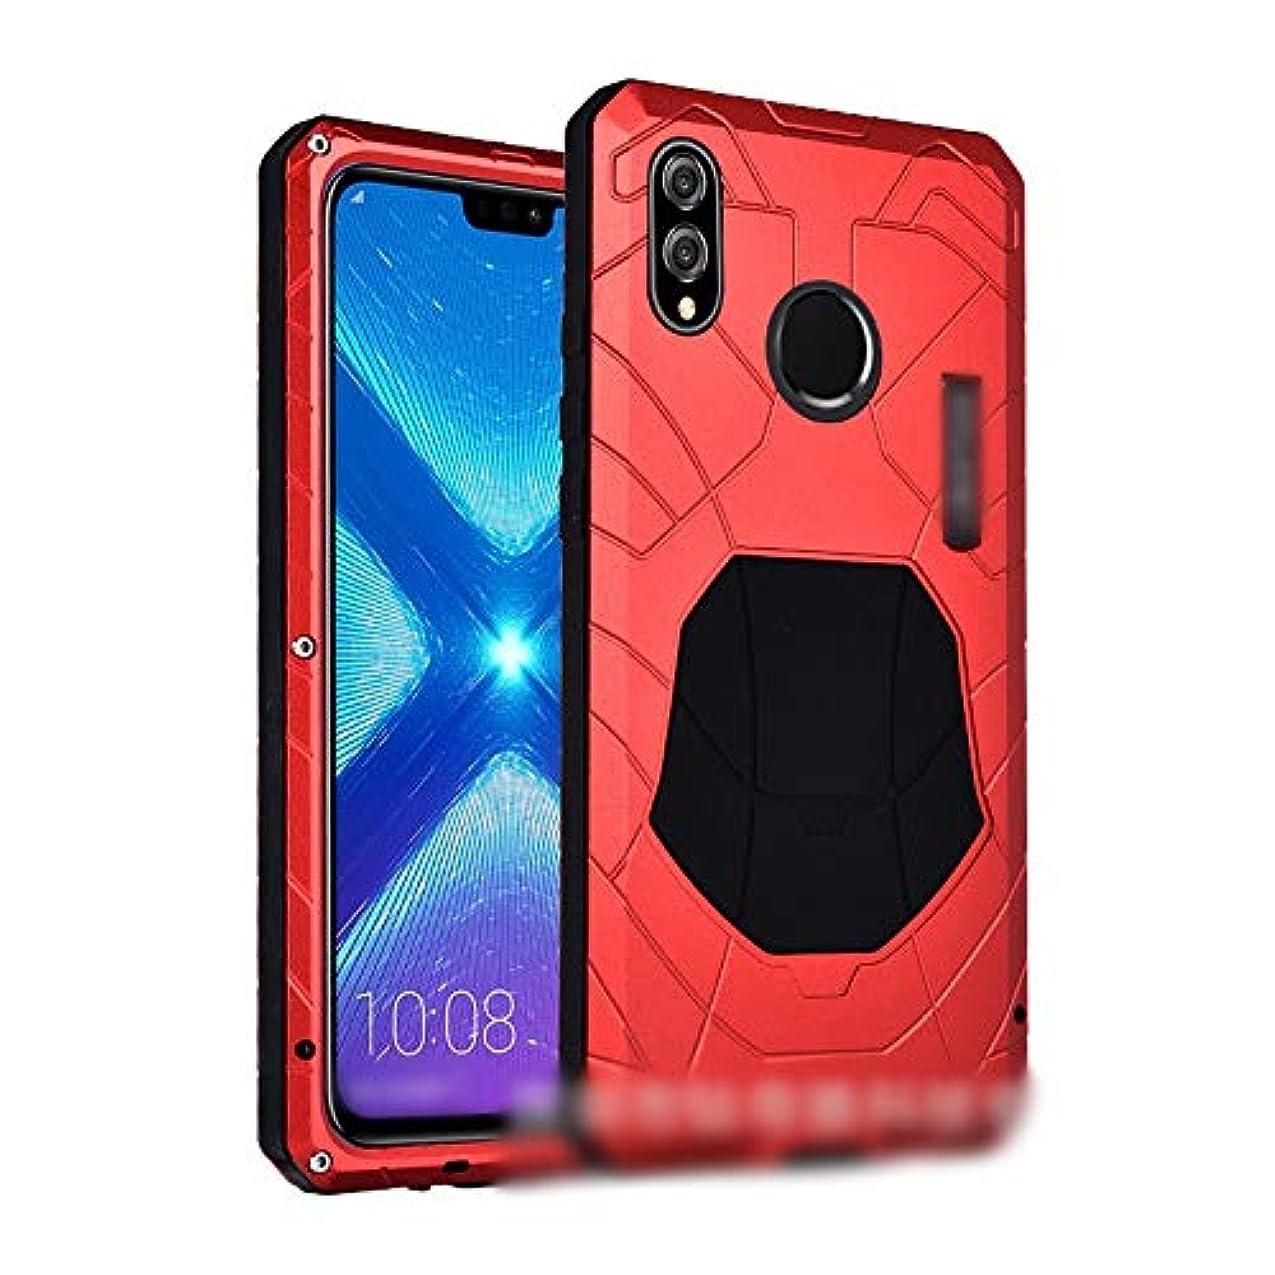 アクロバット繰り返し露出度の高いTonglilili Huawei P20、P20 Pro、P30 Pro、P30、Mate10、Mate10 Pro、C、P9、Mate10 Pro、Mate10、P30 Lite、Nova 4e用の3つのアンチ携帯電話シェルメタルドロップ保護スリーブ新しい電話ケース (Color : レッド, Edition : Mate10)